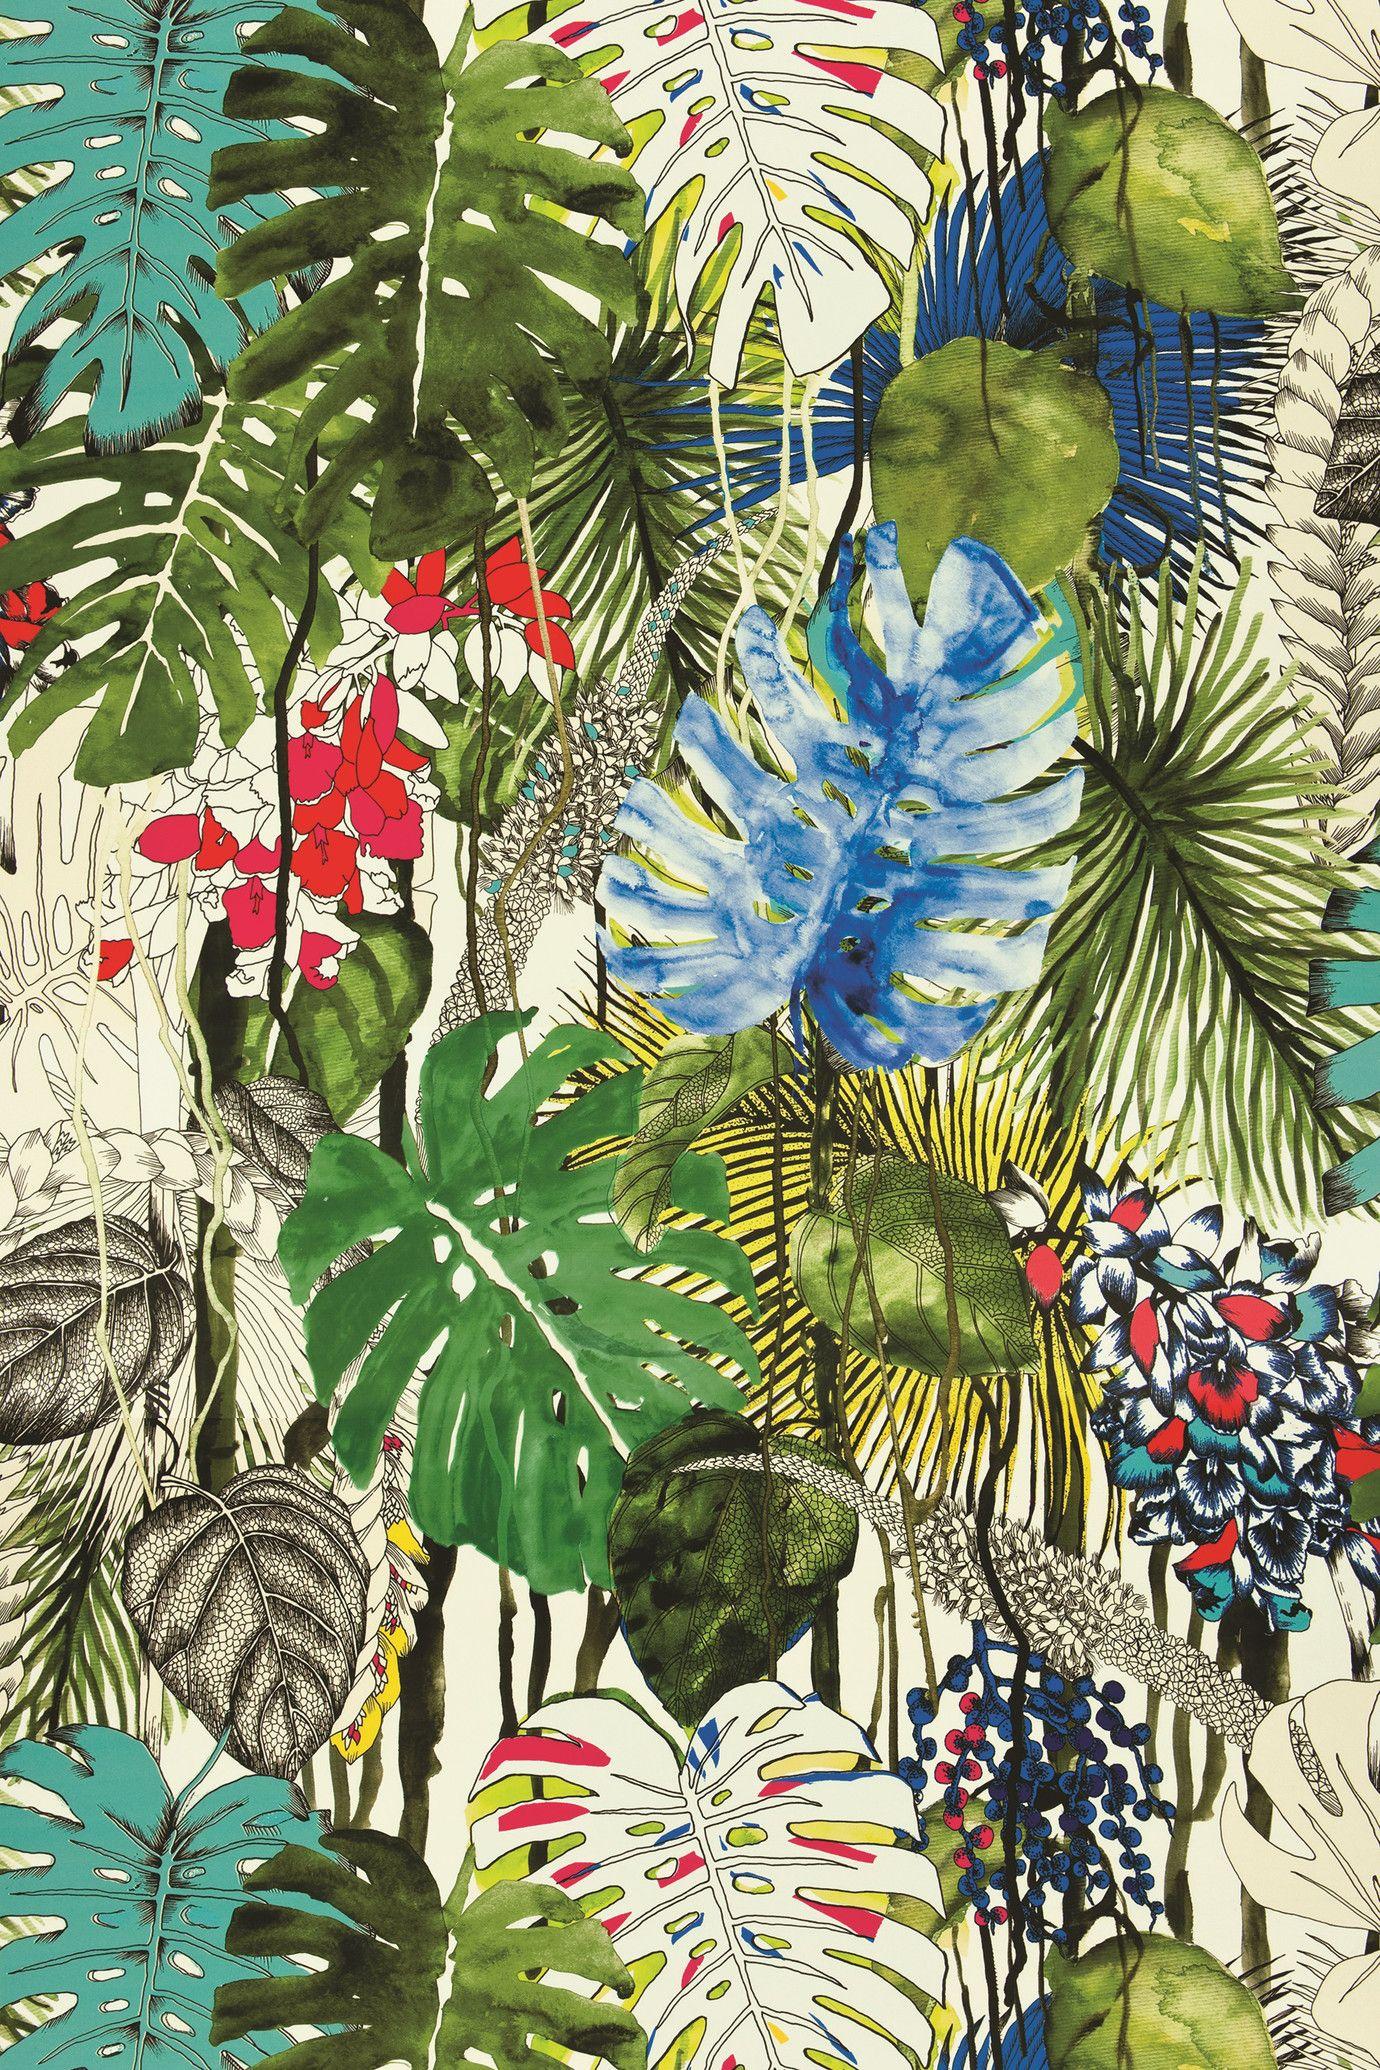 Beguiling Orchids Tropical art, Art, Christian lacroix